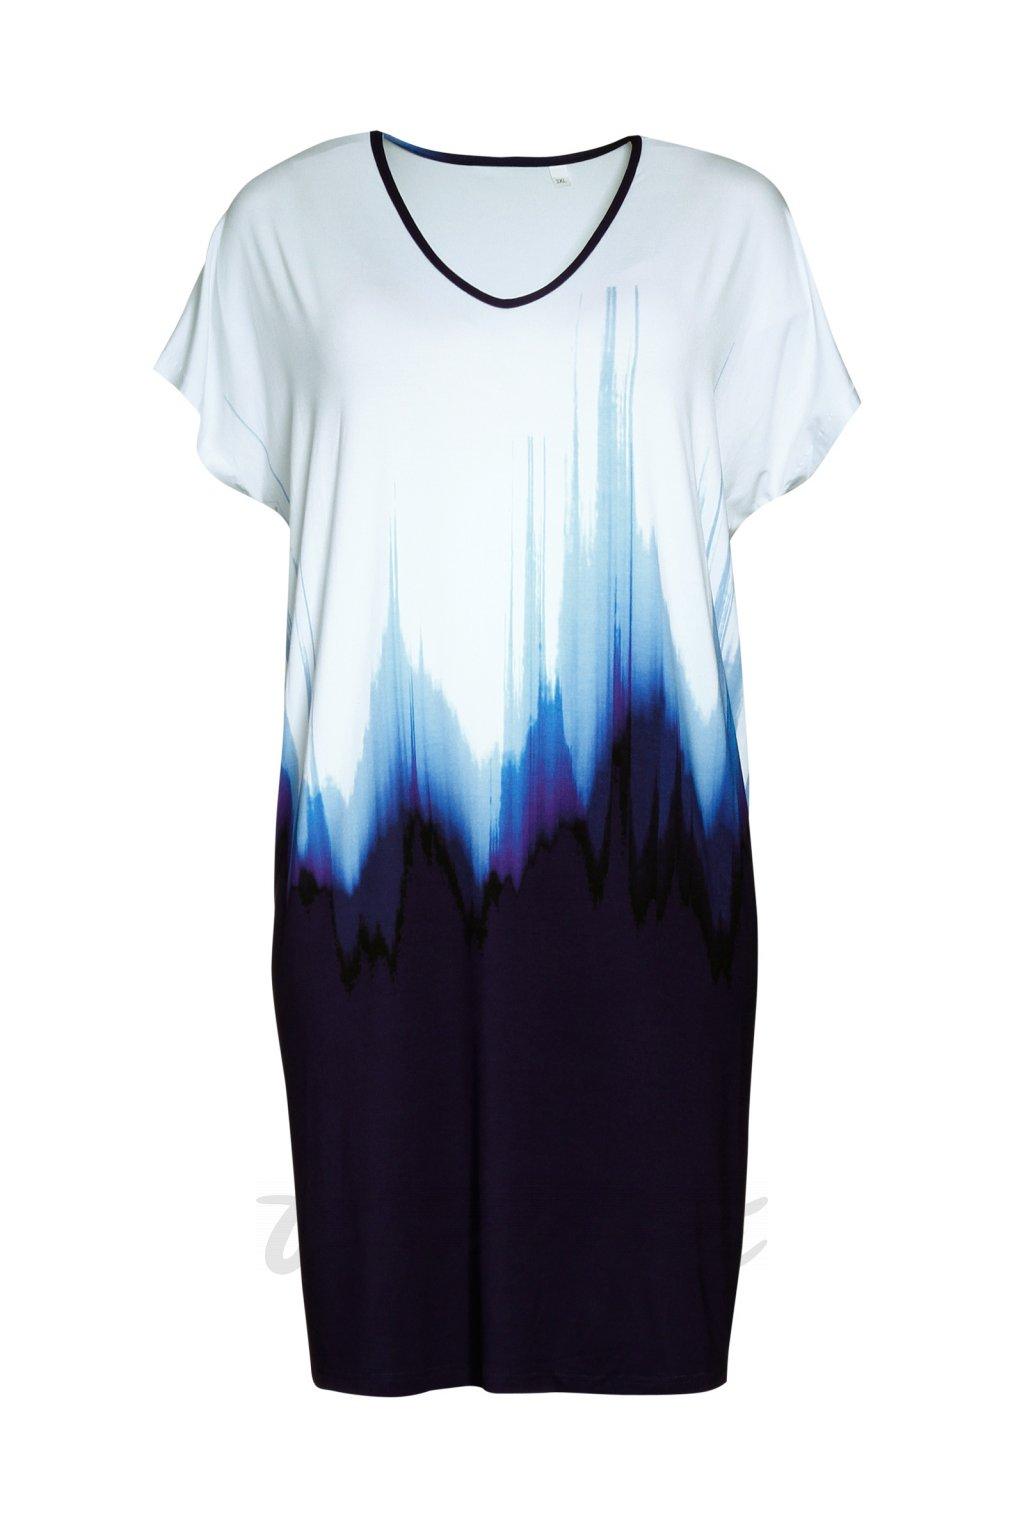 ERIKA - rovné letní šaty